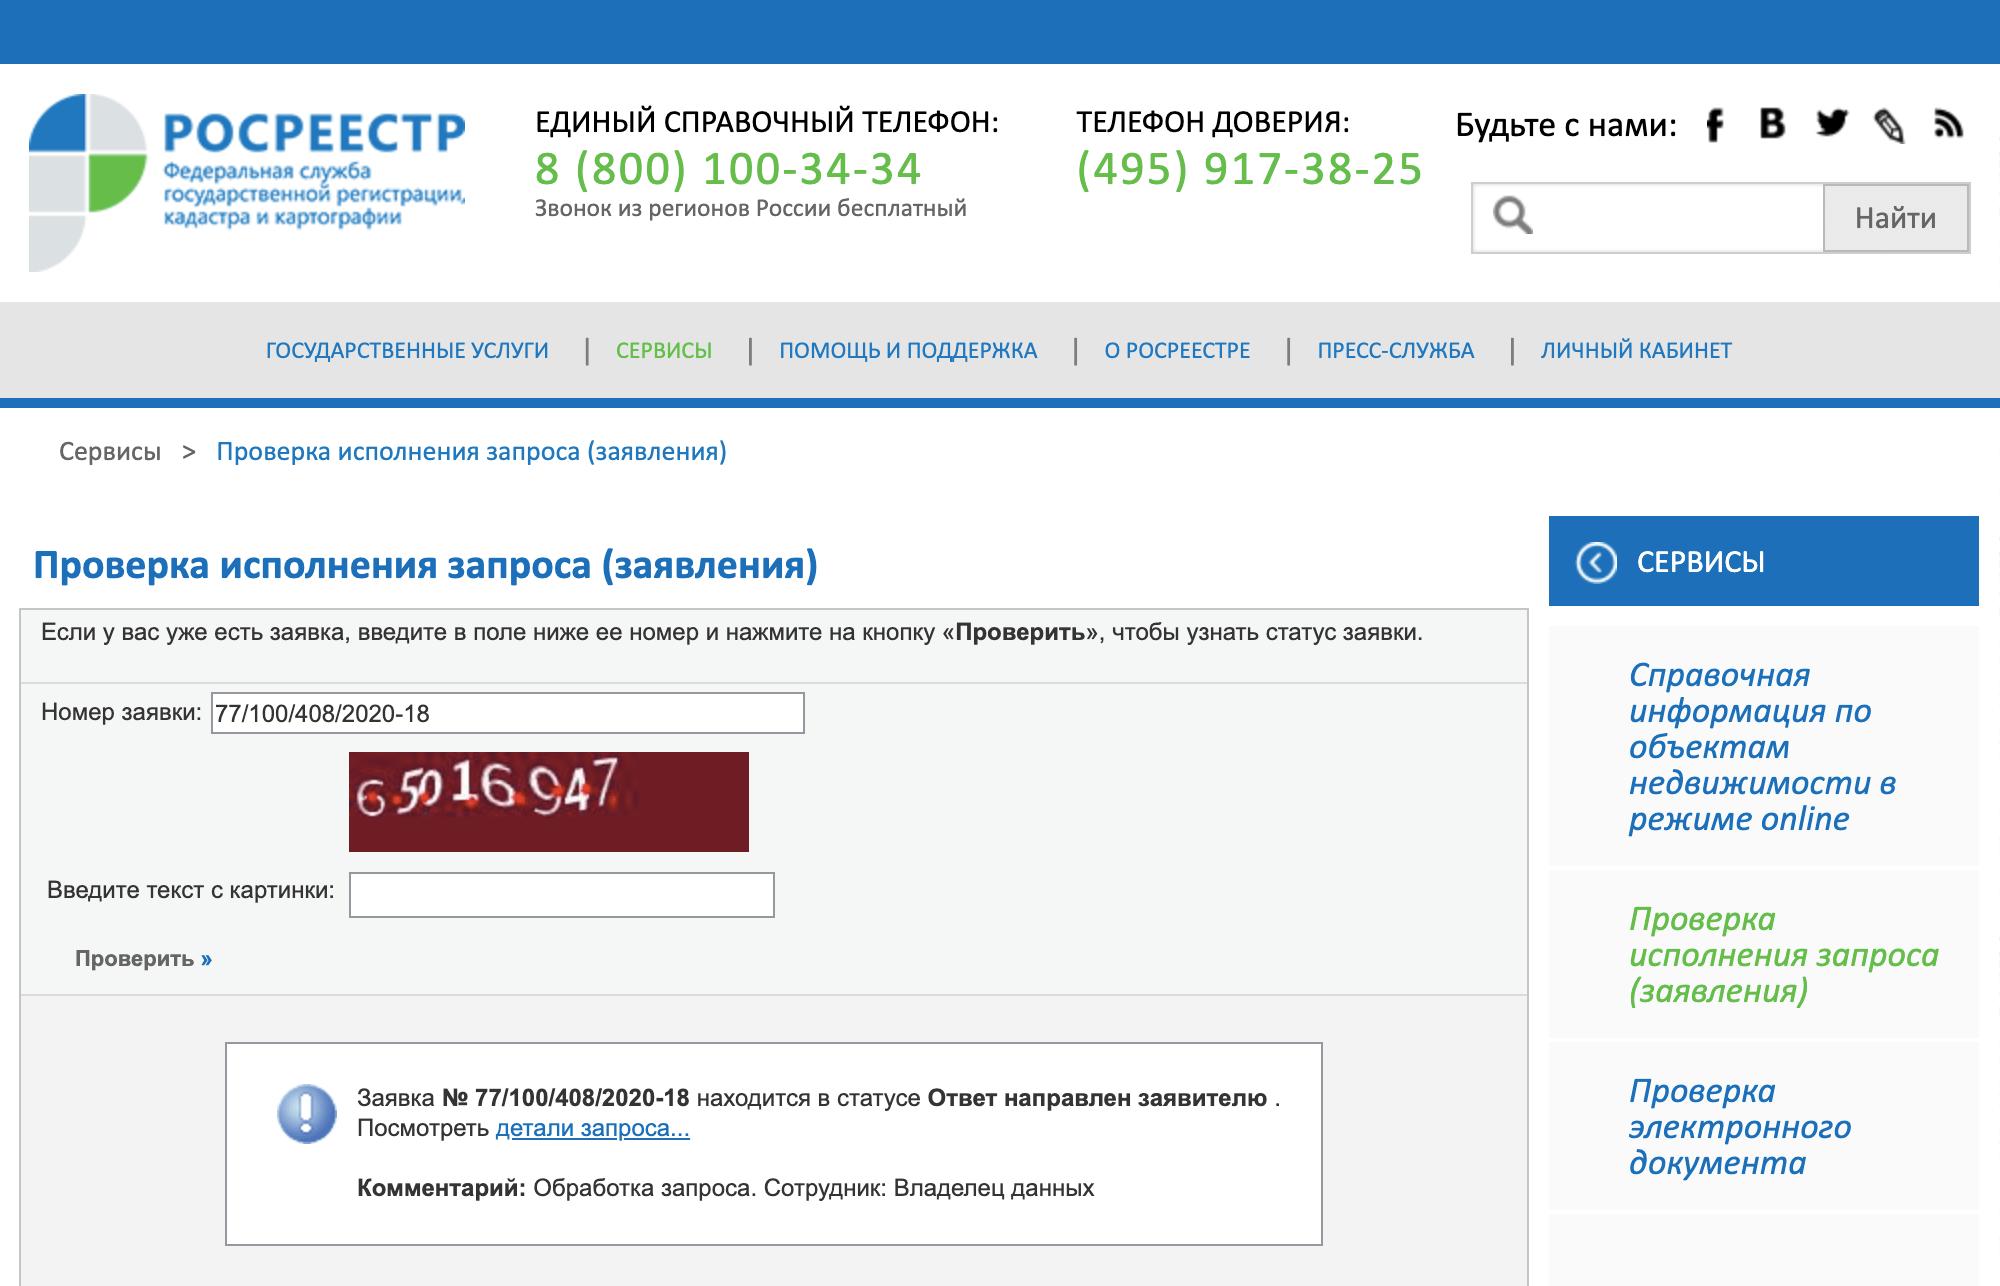 Так выглядит форма дляпроверки статуса заявления на сайте Росреестра